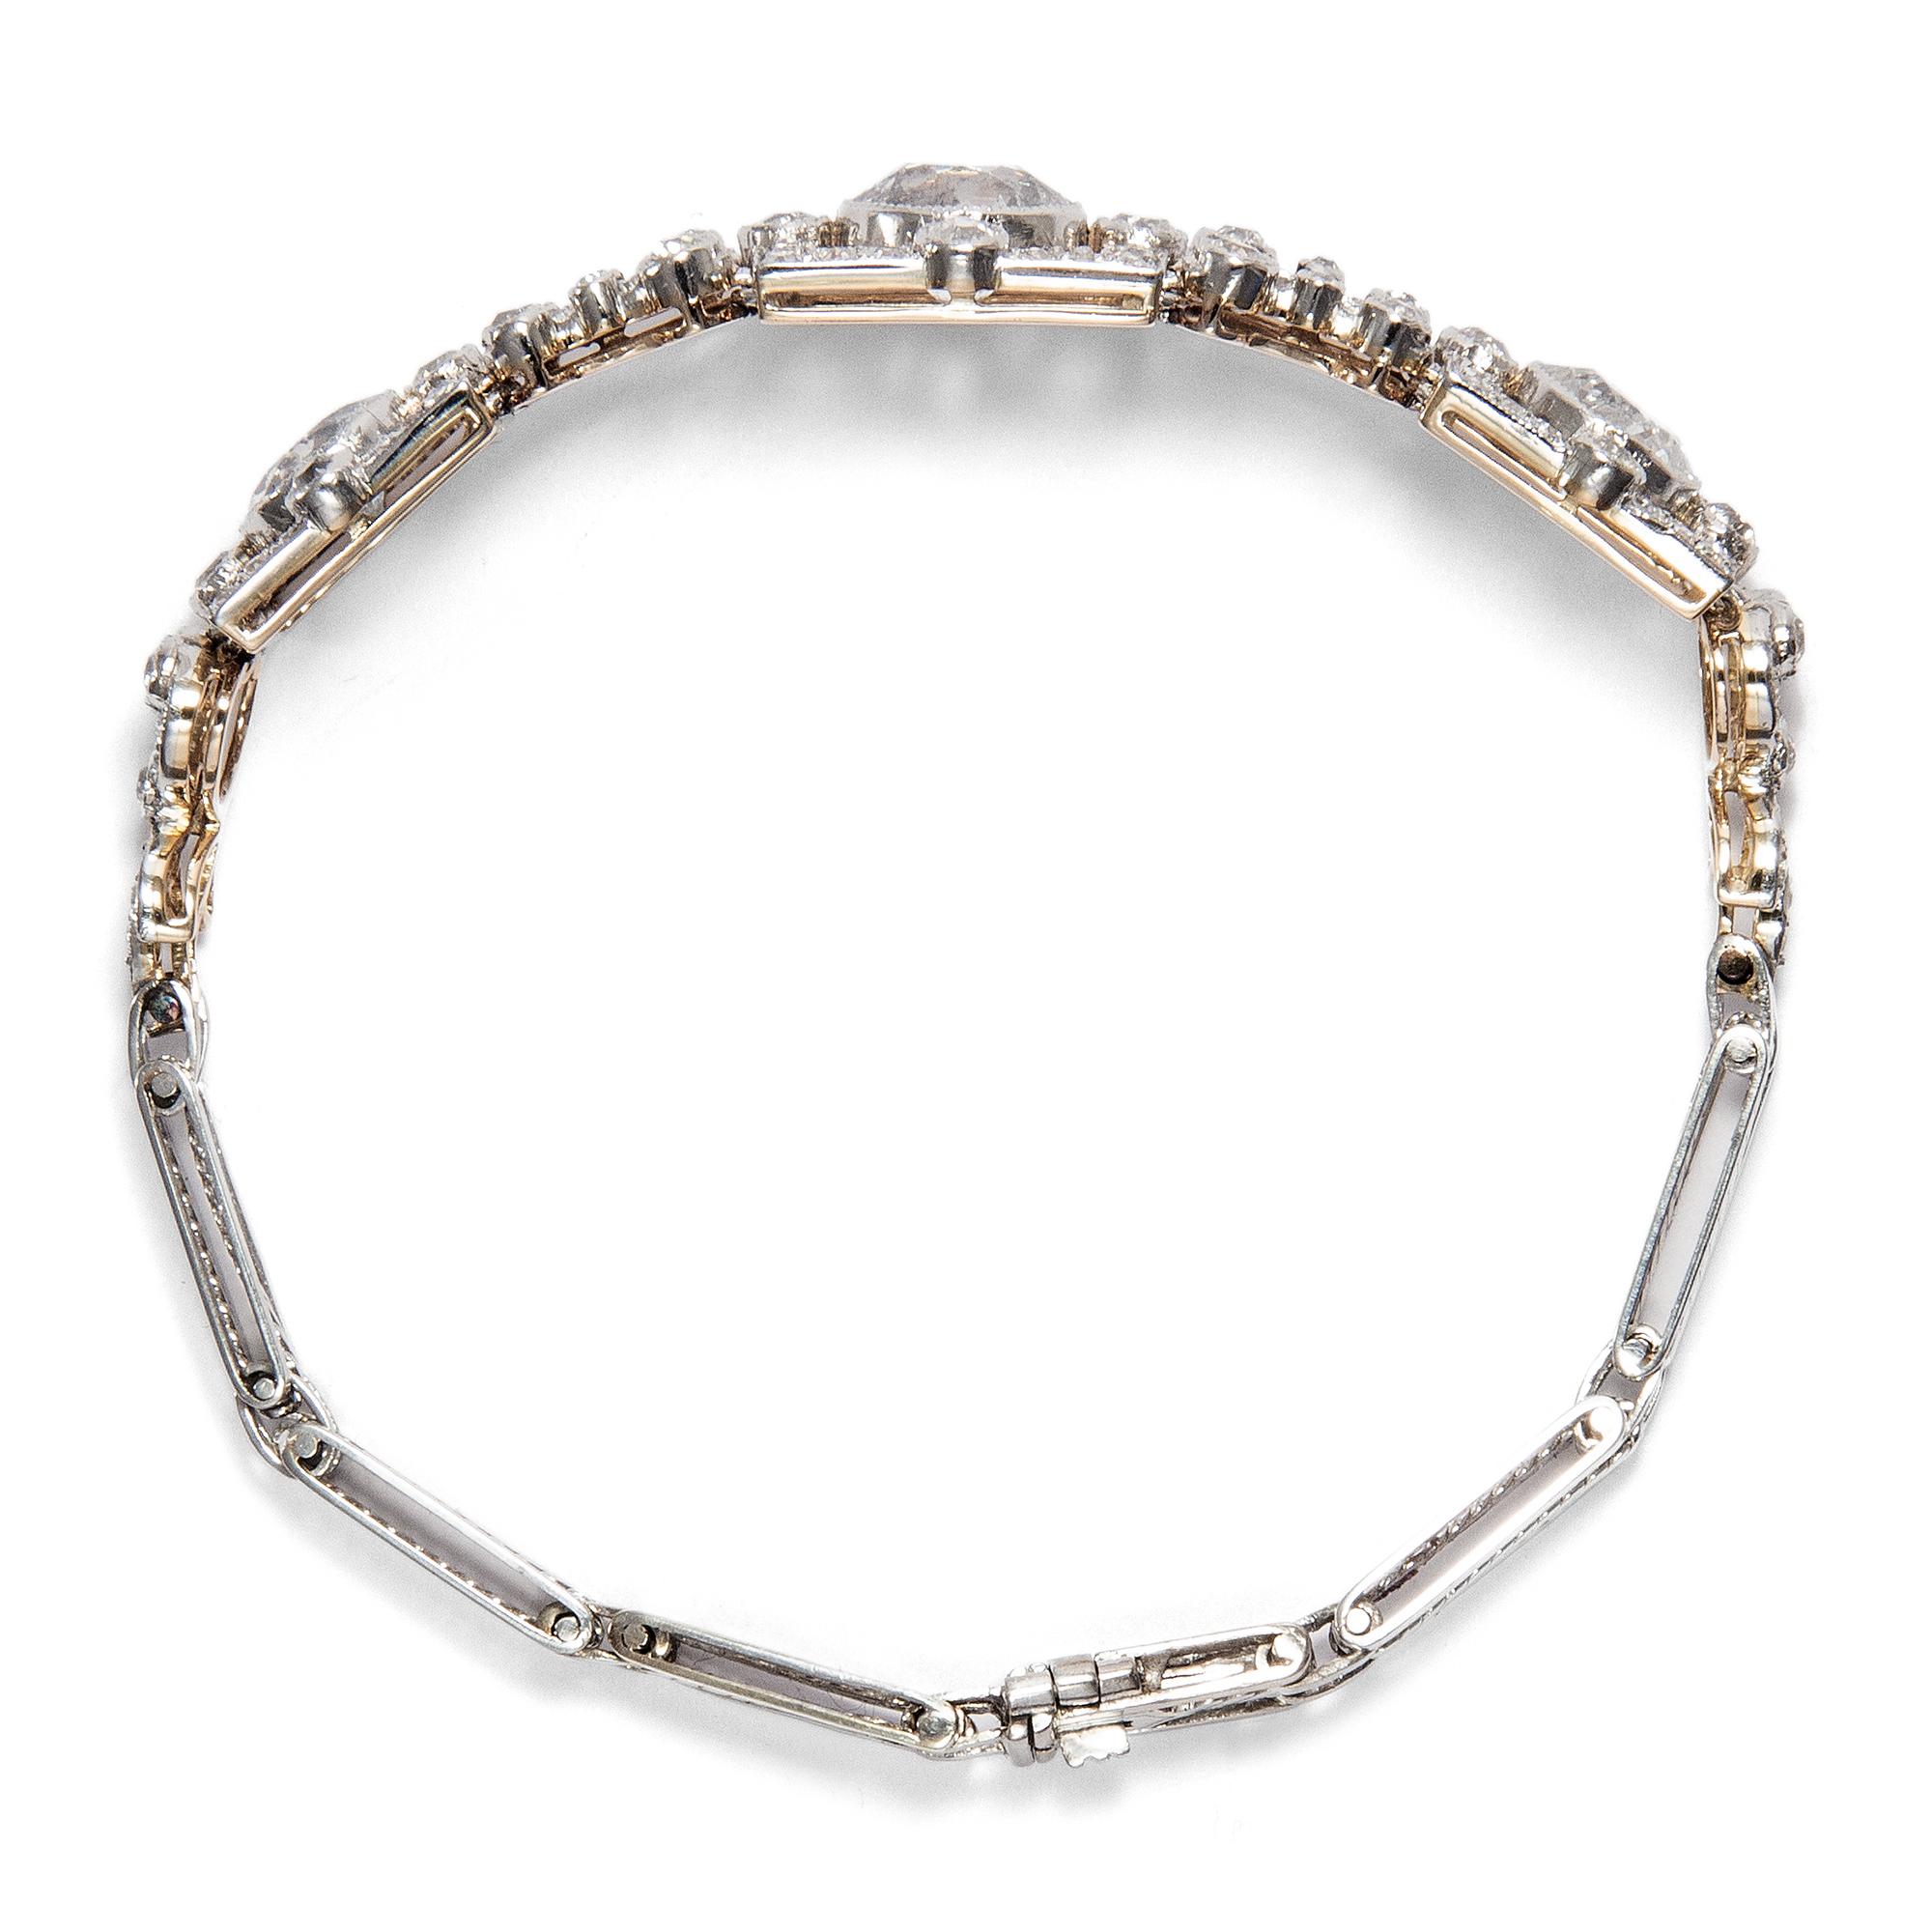 7edcf23fef83 Quadratur des Kreises - Prachtvolles Brillant Armband in Platin   Gold,  London um 1910.